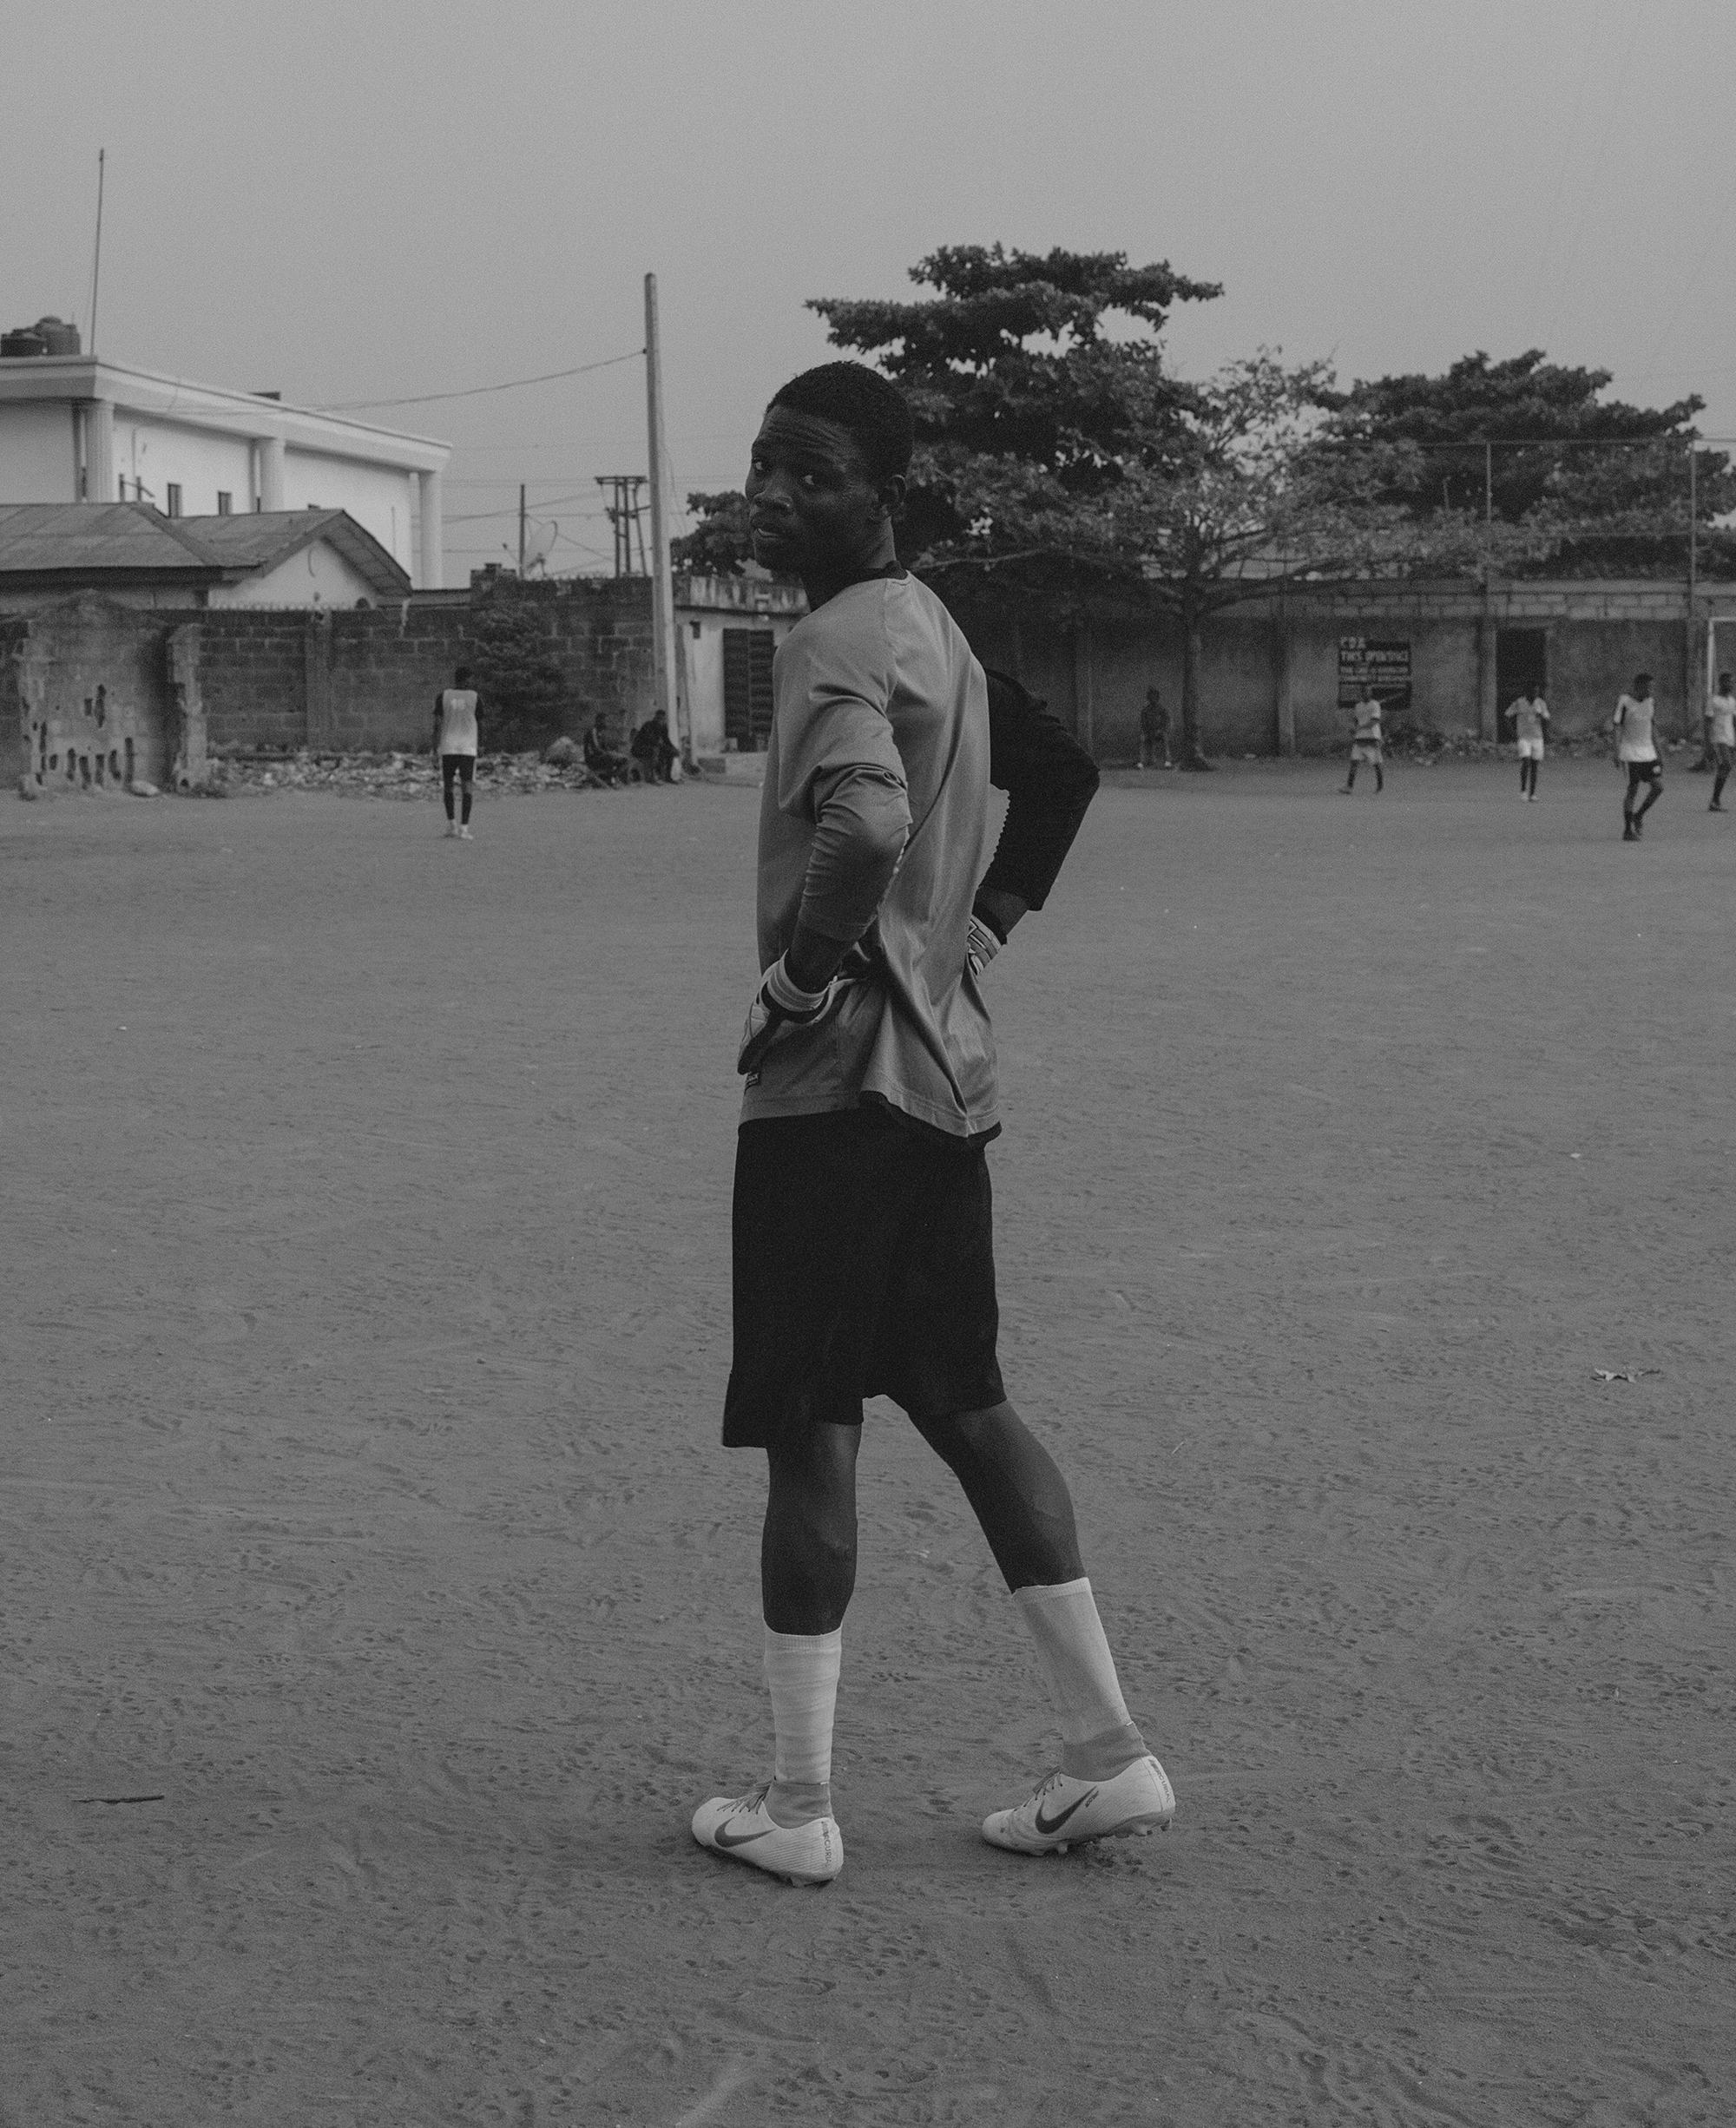 Lelaki muda berolahraga